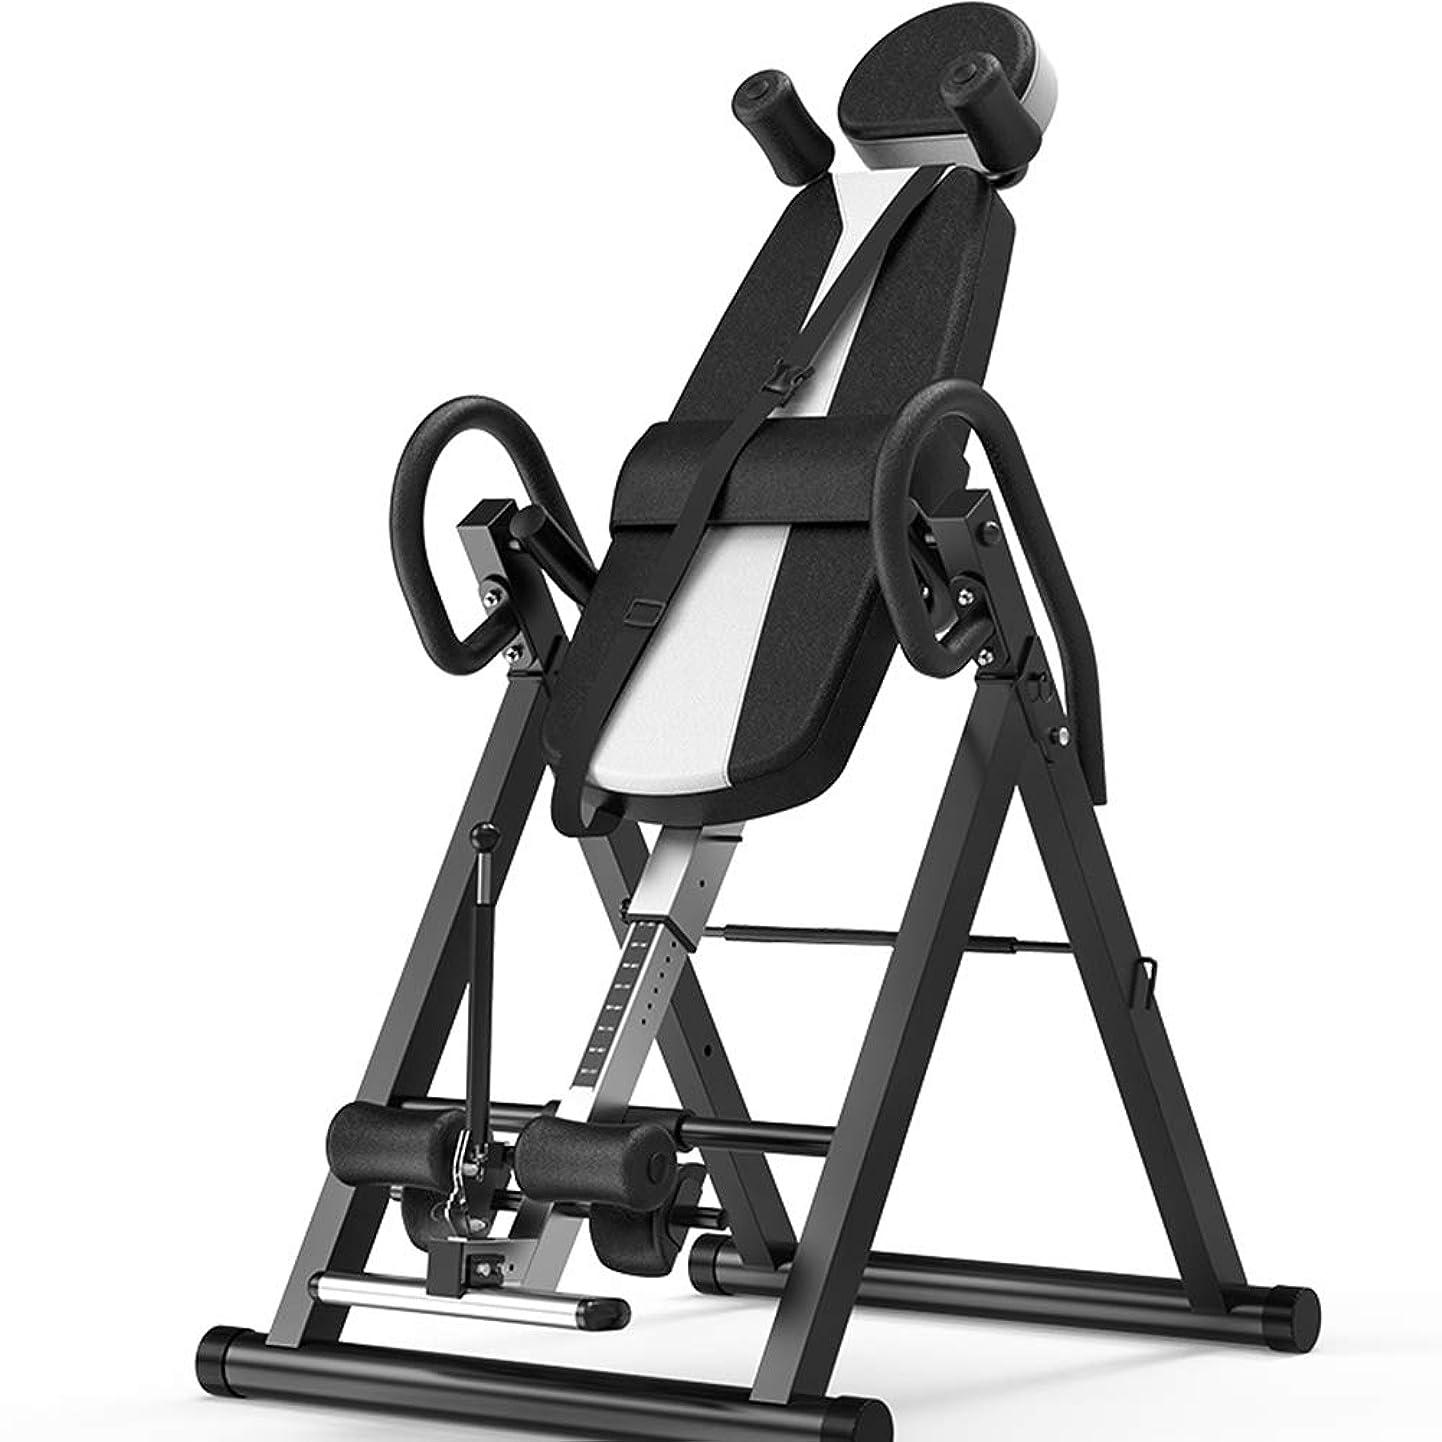 洞察力スキルたまに逆さマシン 逆さぶら下がり 腹筋トレーニング 健康器 肩フレーム 安心設計 メーカー保証ブラック